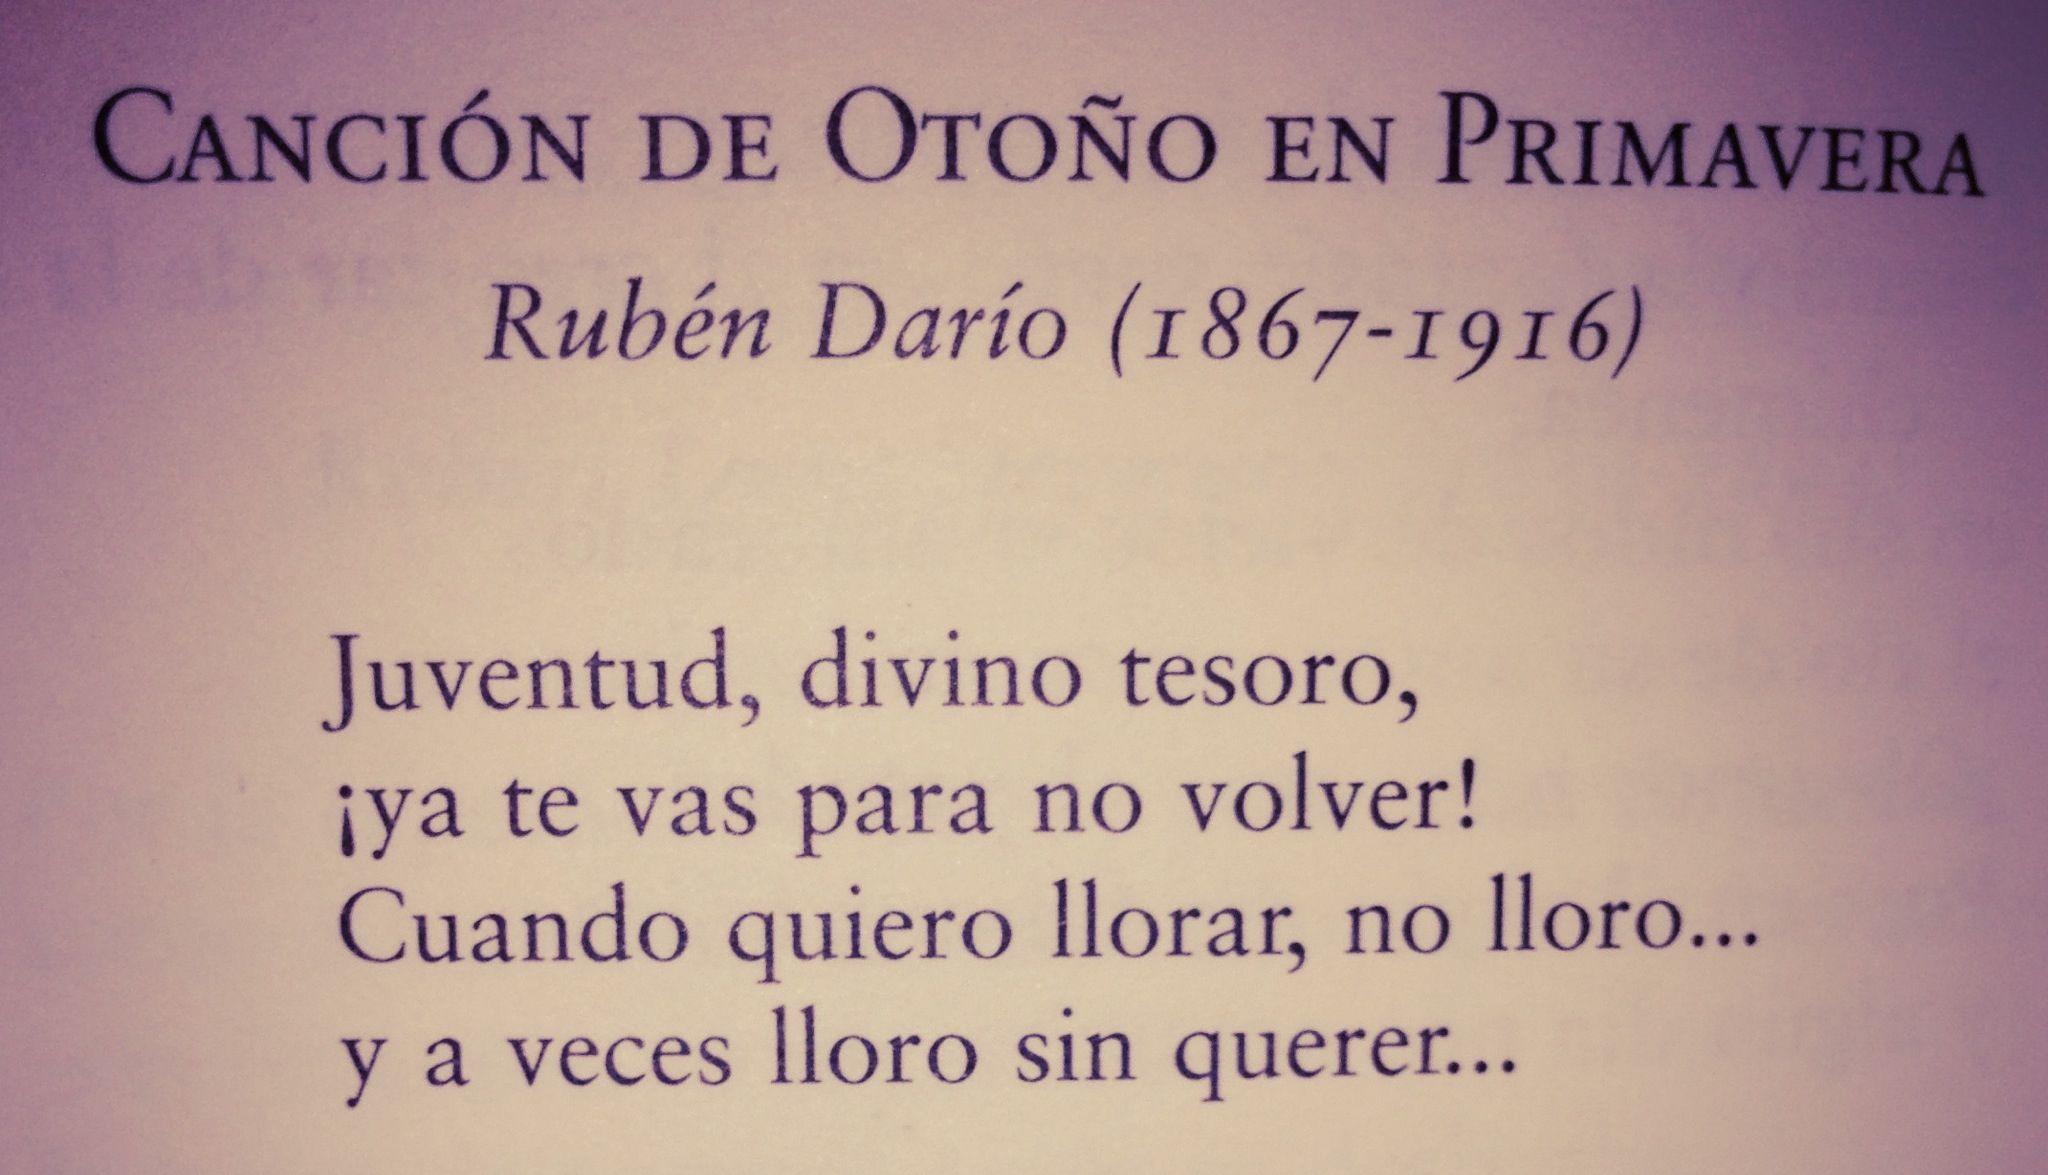 Rubén Darío Canción De Otoño En Primavera Primer Párrafo Poesias De La Vida Frases Literarias Citas Célebres De Canciones